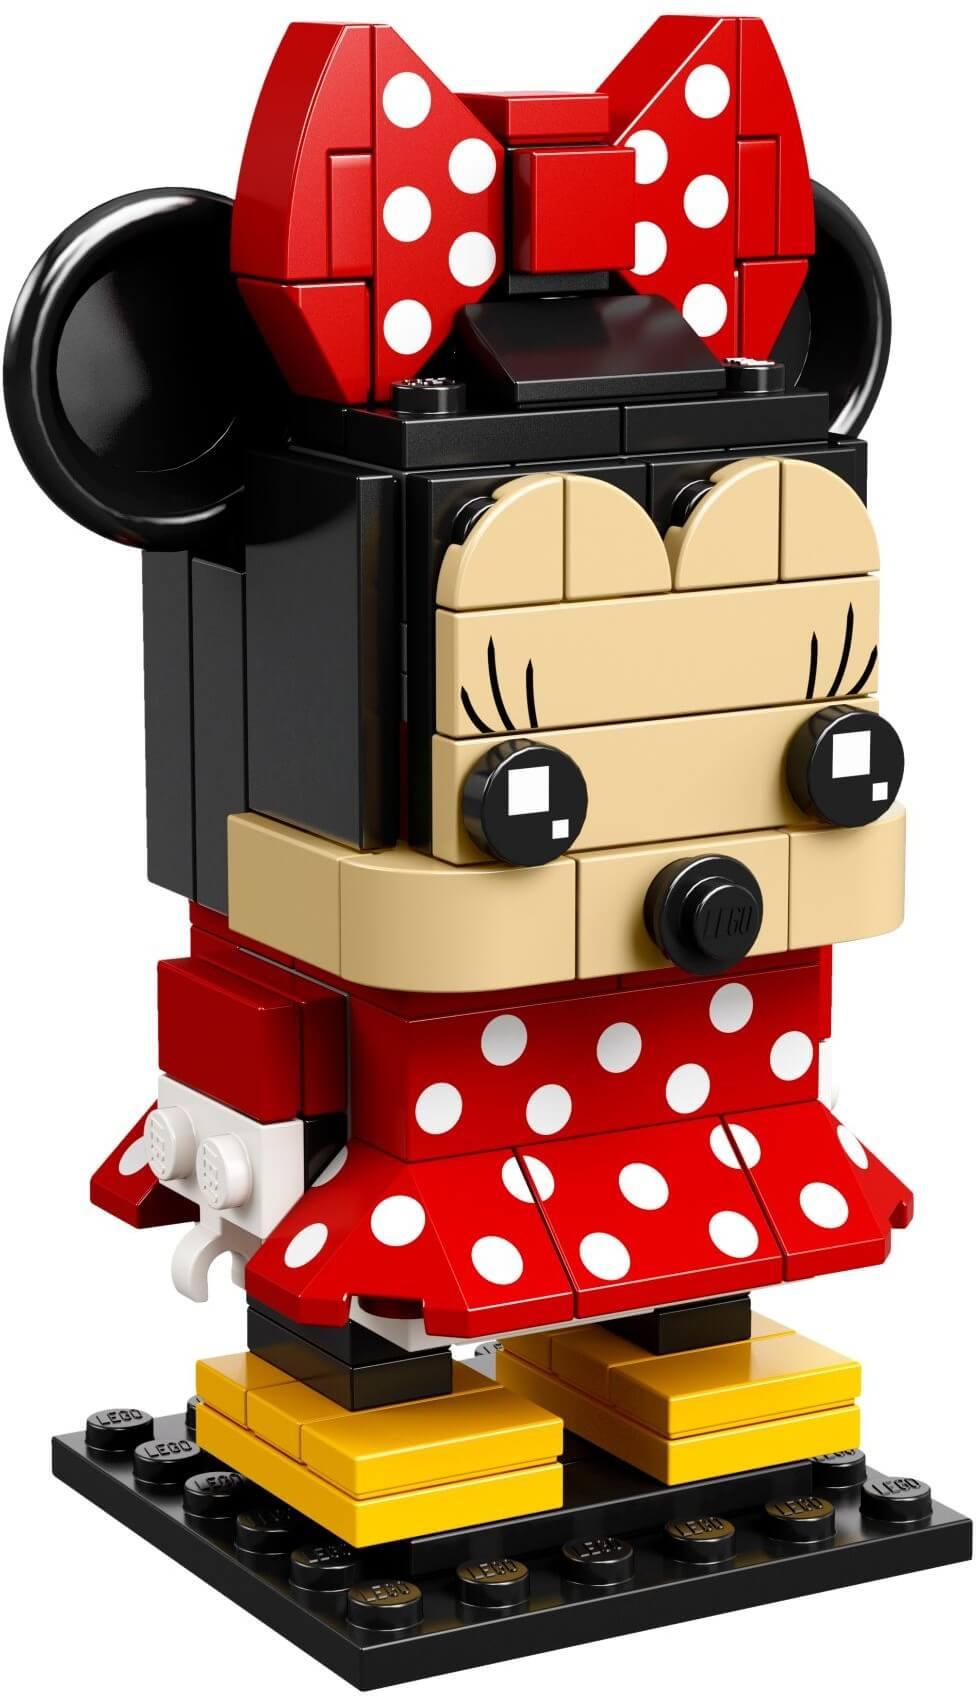 Mua đồ chơi LEGO 41625 - LEGO Ideas 41625 - Chuột Minnie (LEGO 41625 Minnie Mouse)